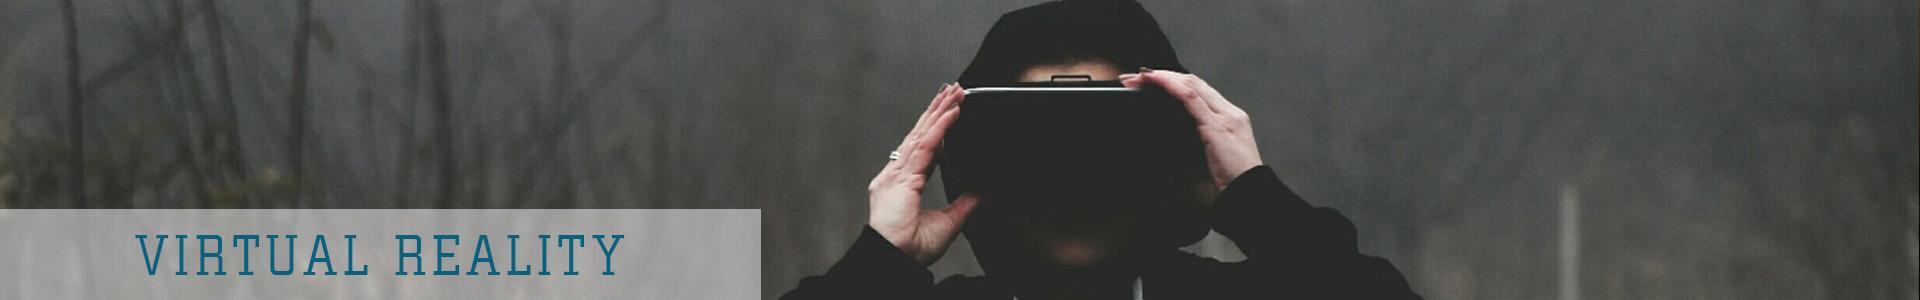 vizualno-oblikovanje-virtual-reality